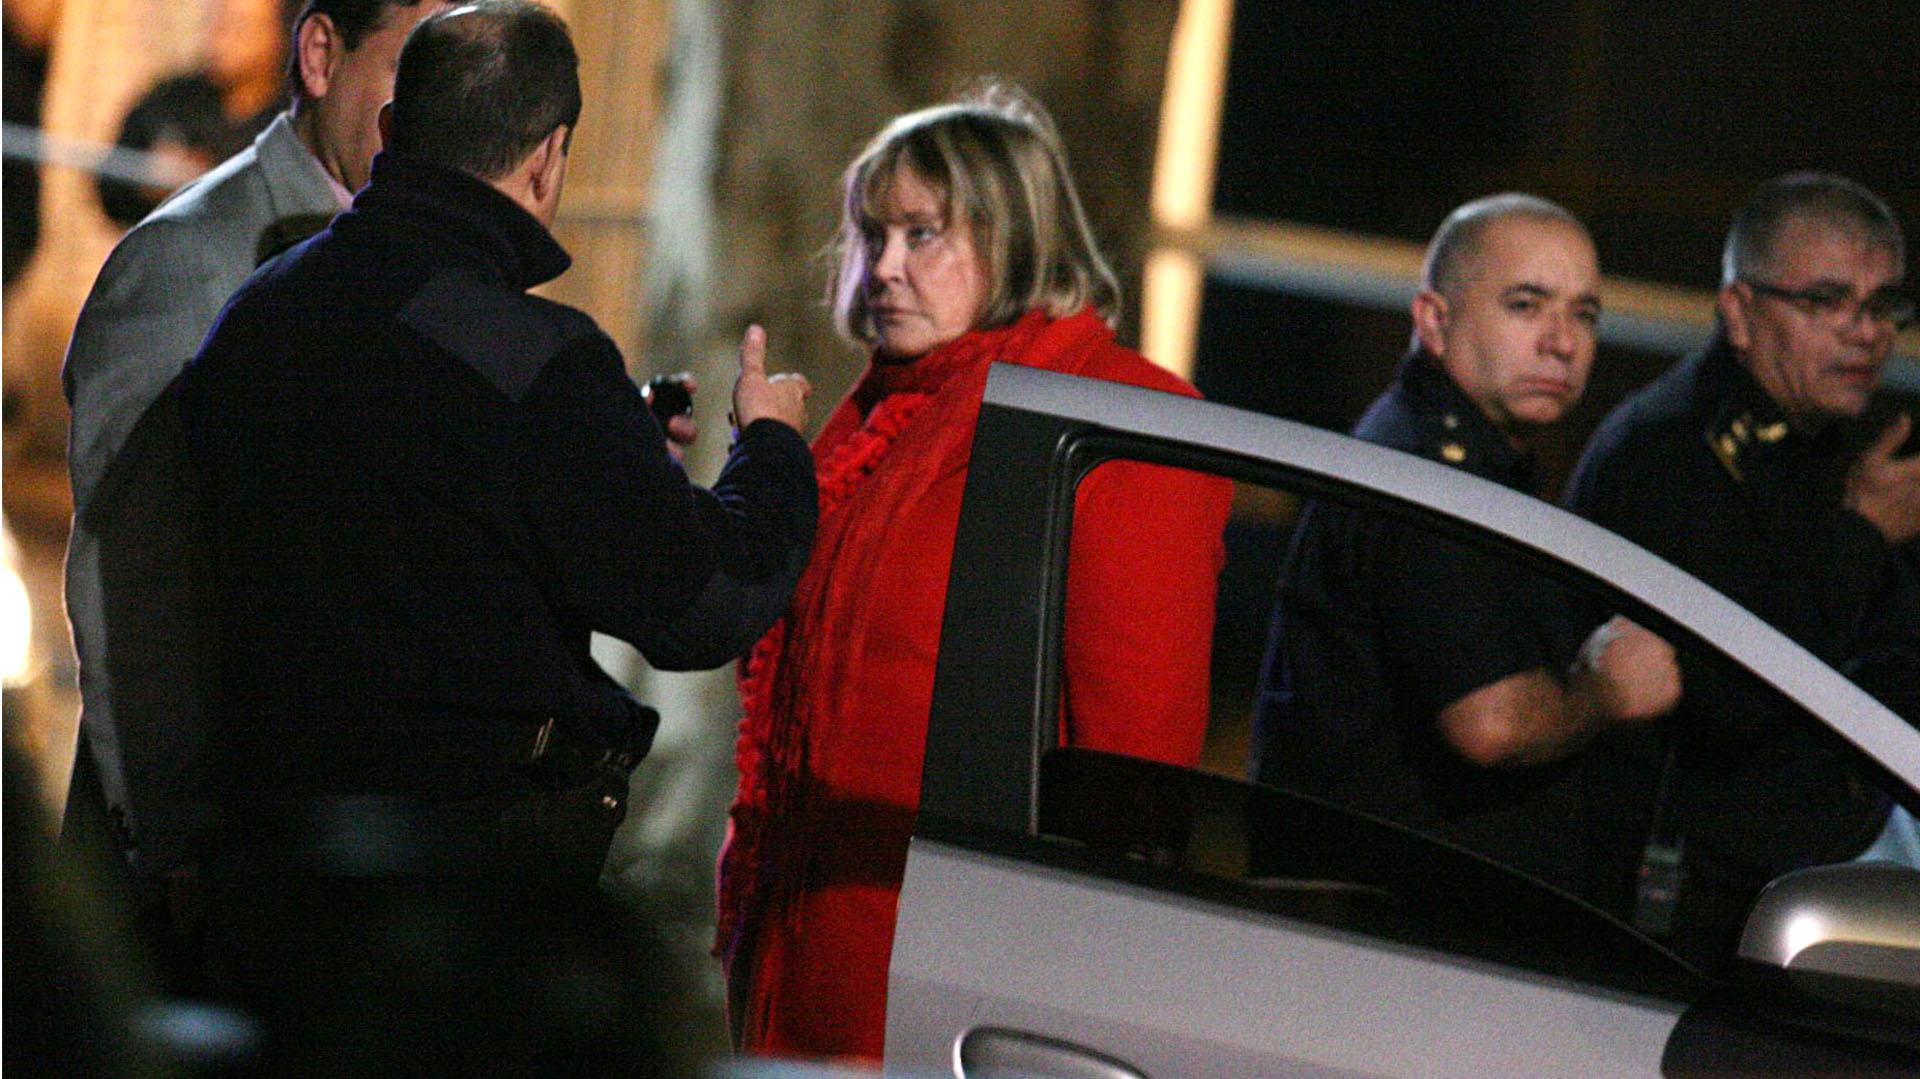 La jueza María Servini de Cubría ordenó avanzar en la investigación. (NA)